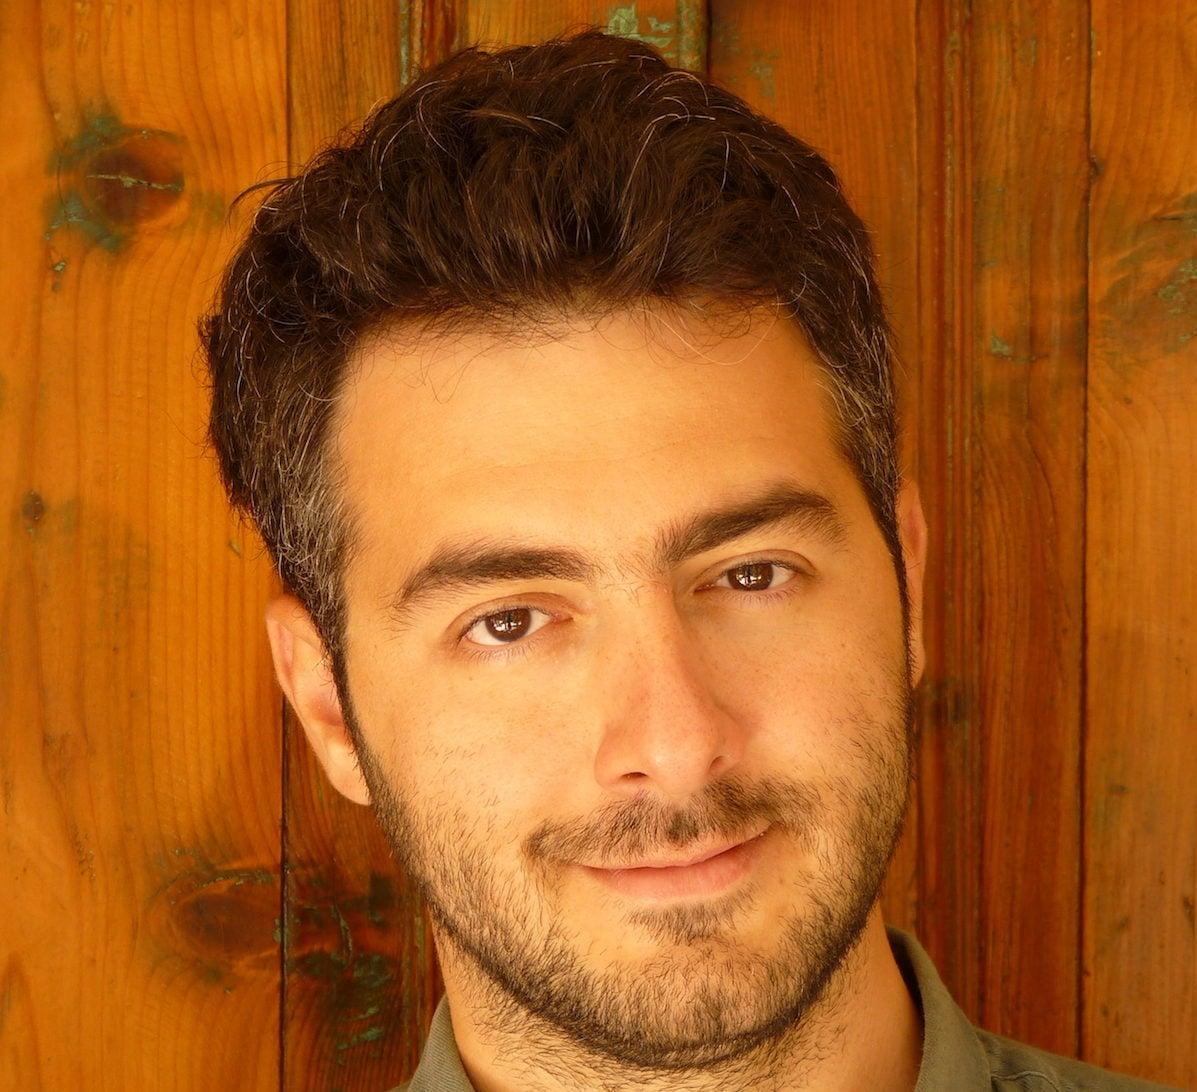 Aytug Muharrem Sasmaz